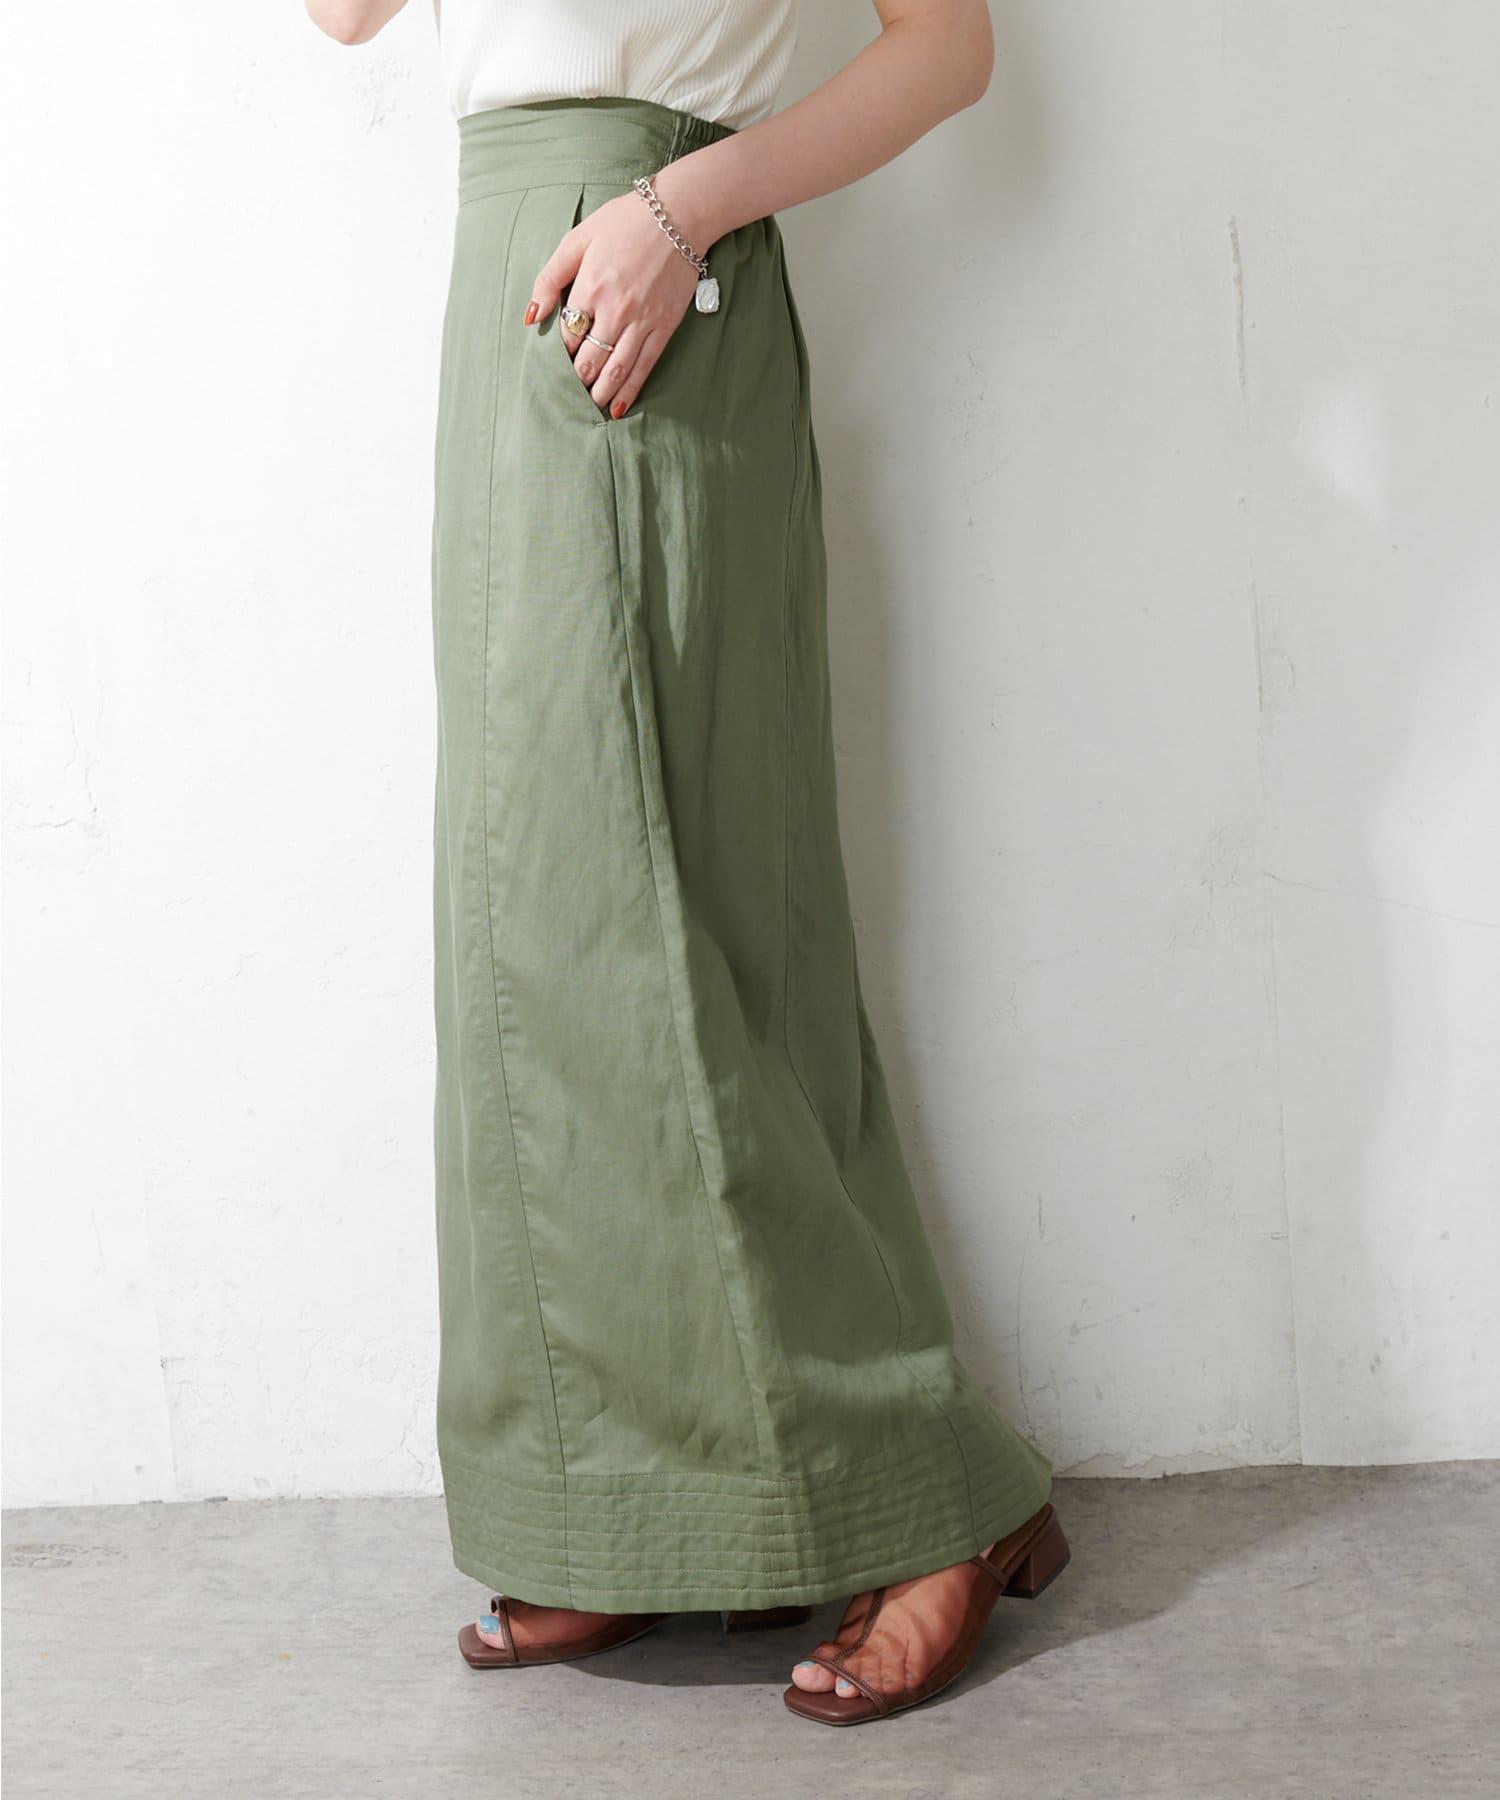 Discoat(ディスコート) テンセル混ワークナロースカート